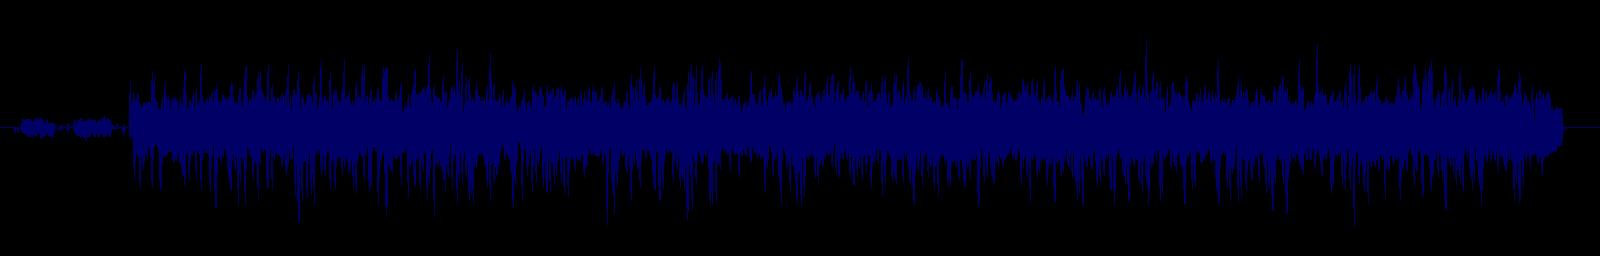 waveform of track #116945